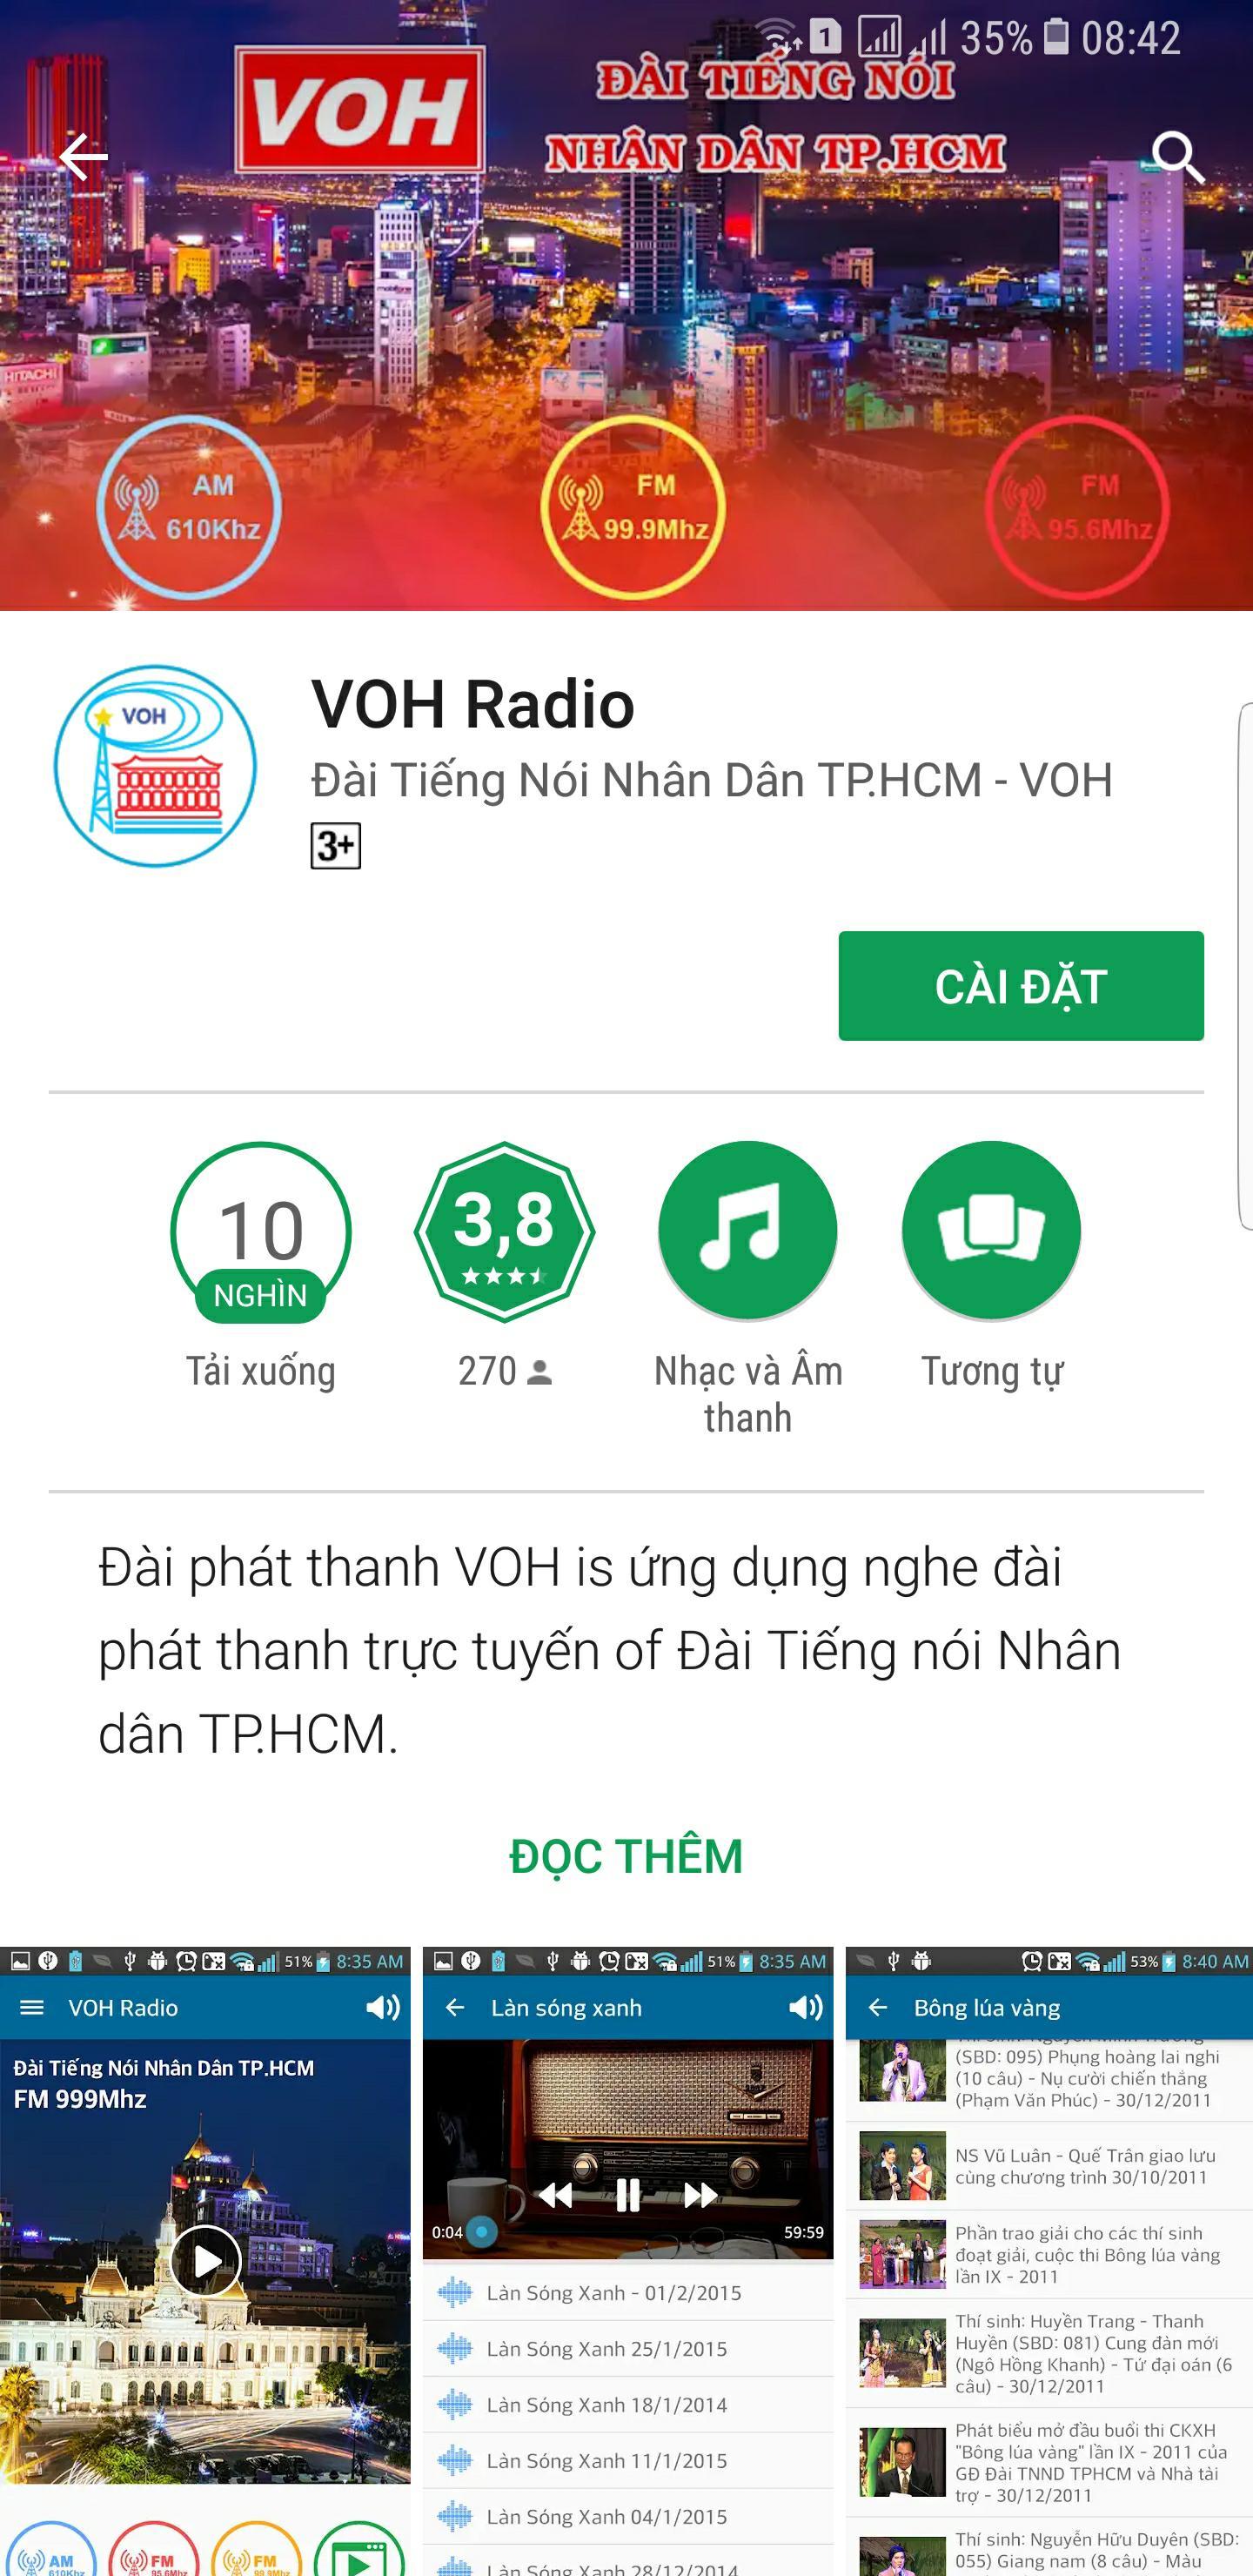 App Radio VOH - Ứng dụng Radio VOH